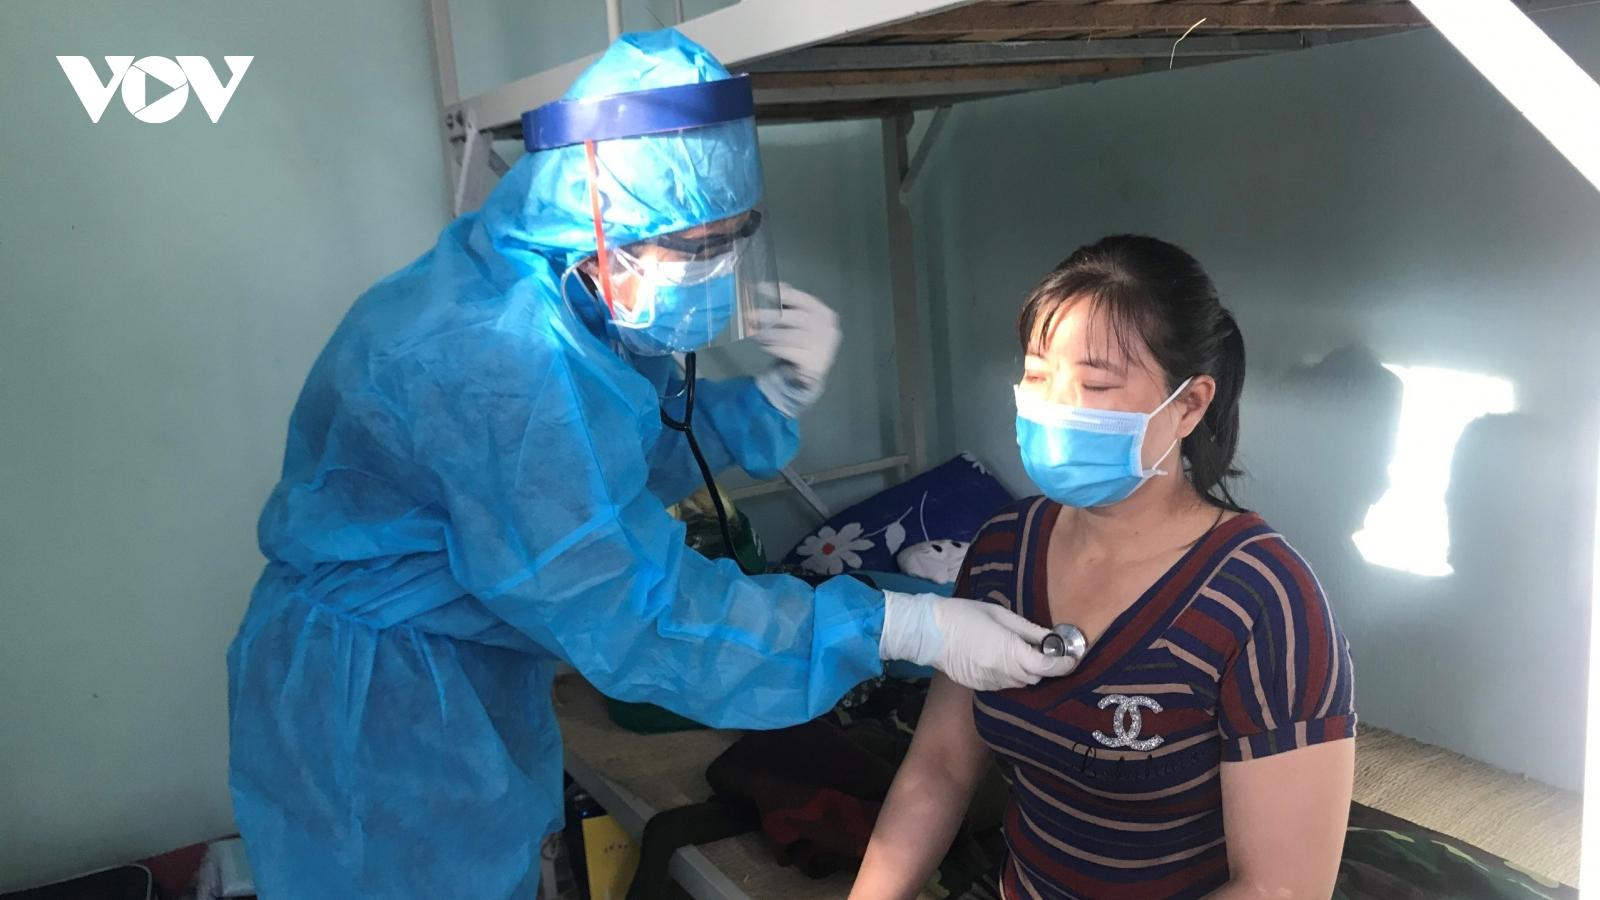 106 mẫu liên quan bệnh nhân Covid-19 ở Kông Chro, Gia Lai âm tính